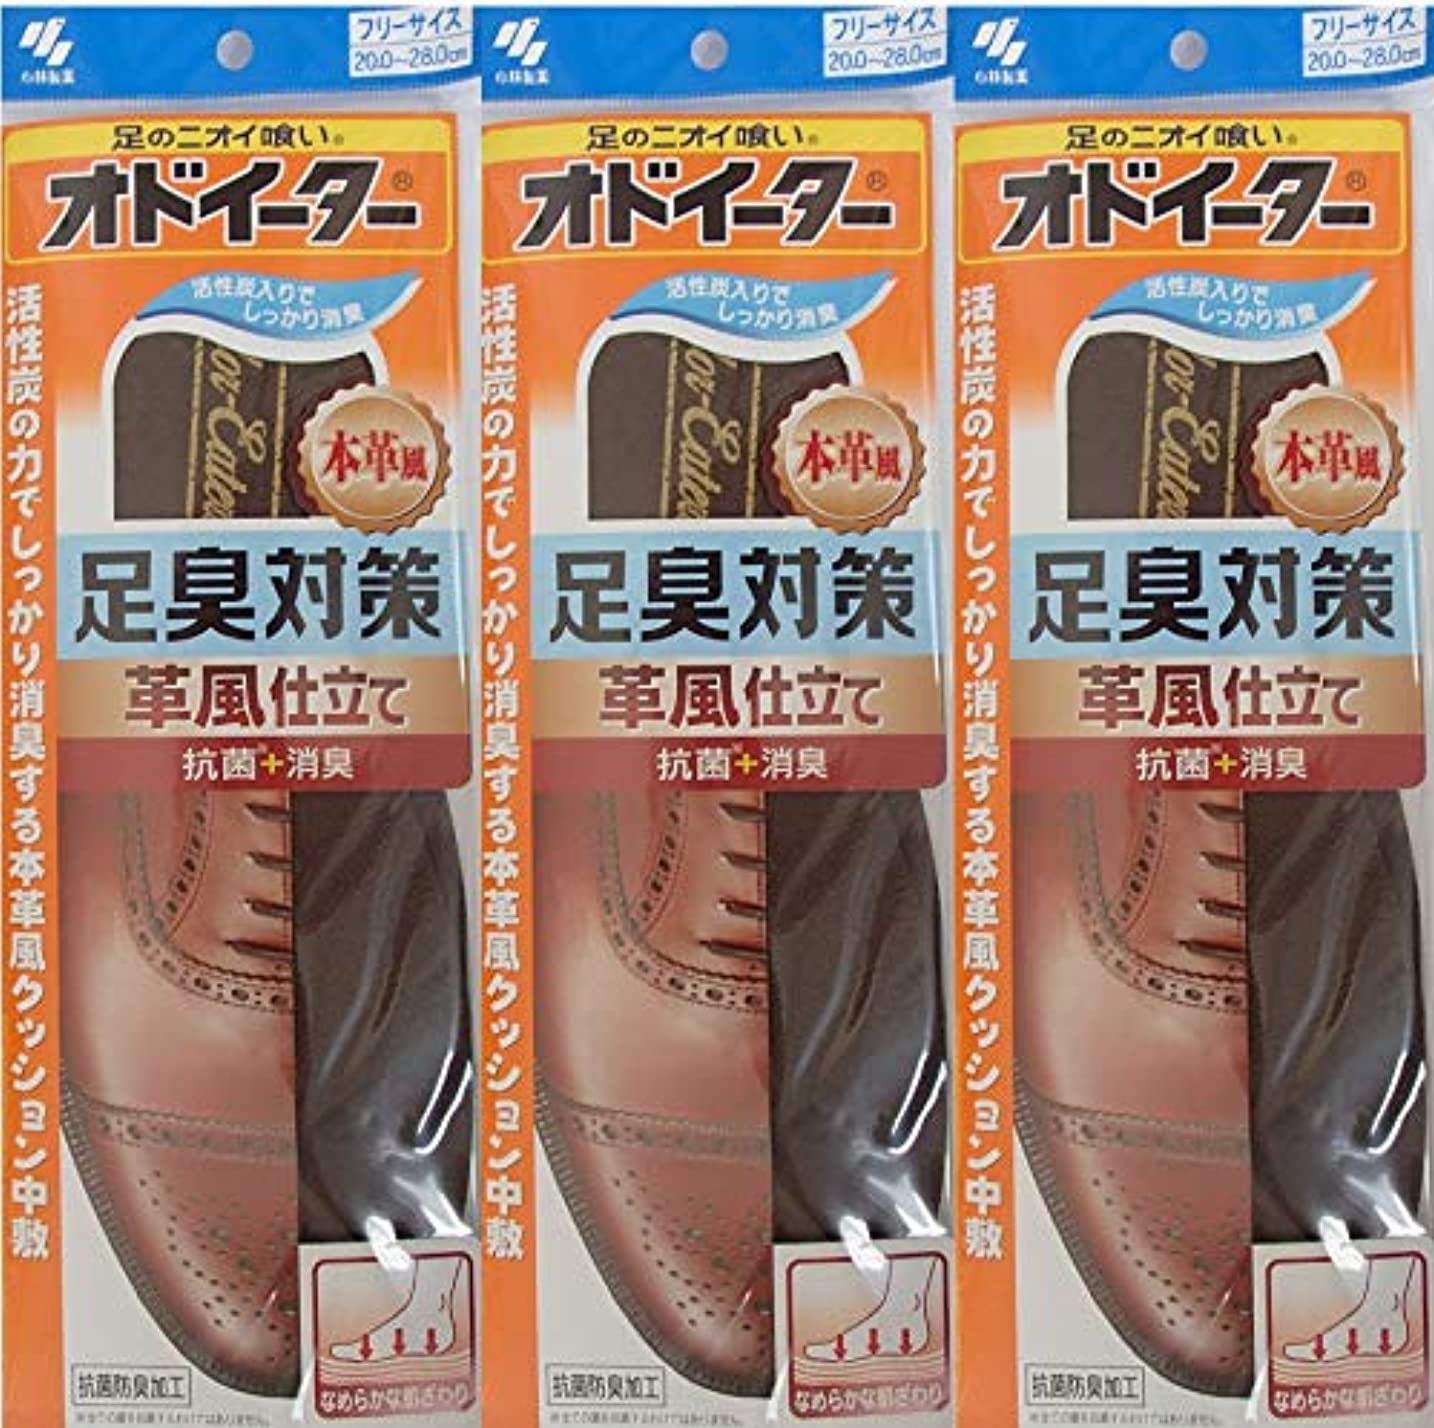 娯楽過度に床オドイーター 足臭対策 革風仕立て インソール フリーサイズ20cm~28cm 3足セット